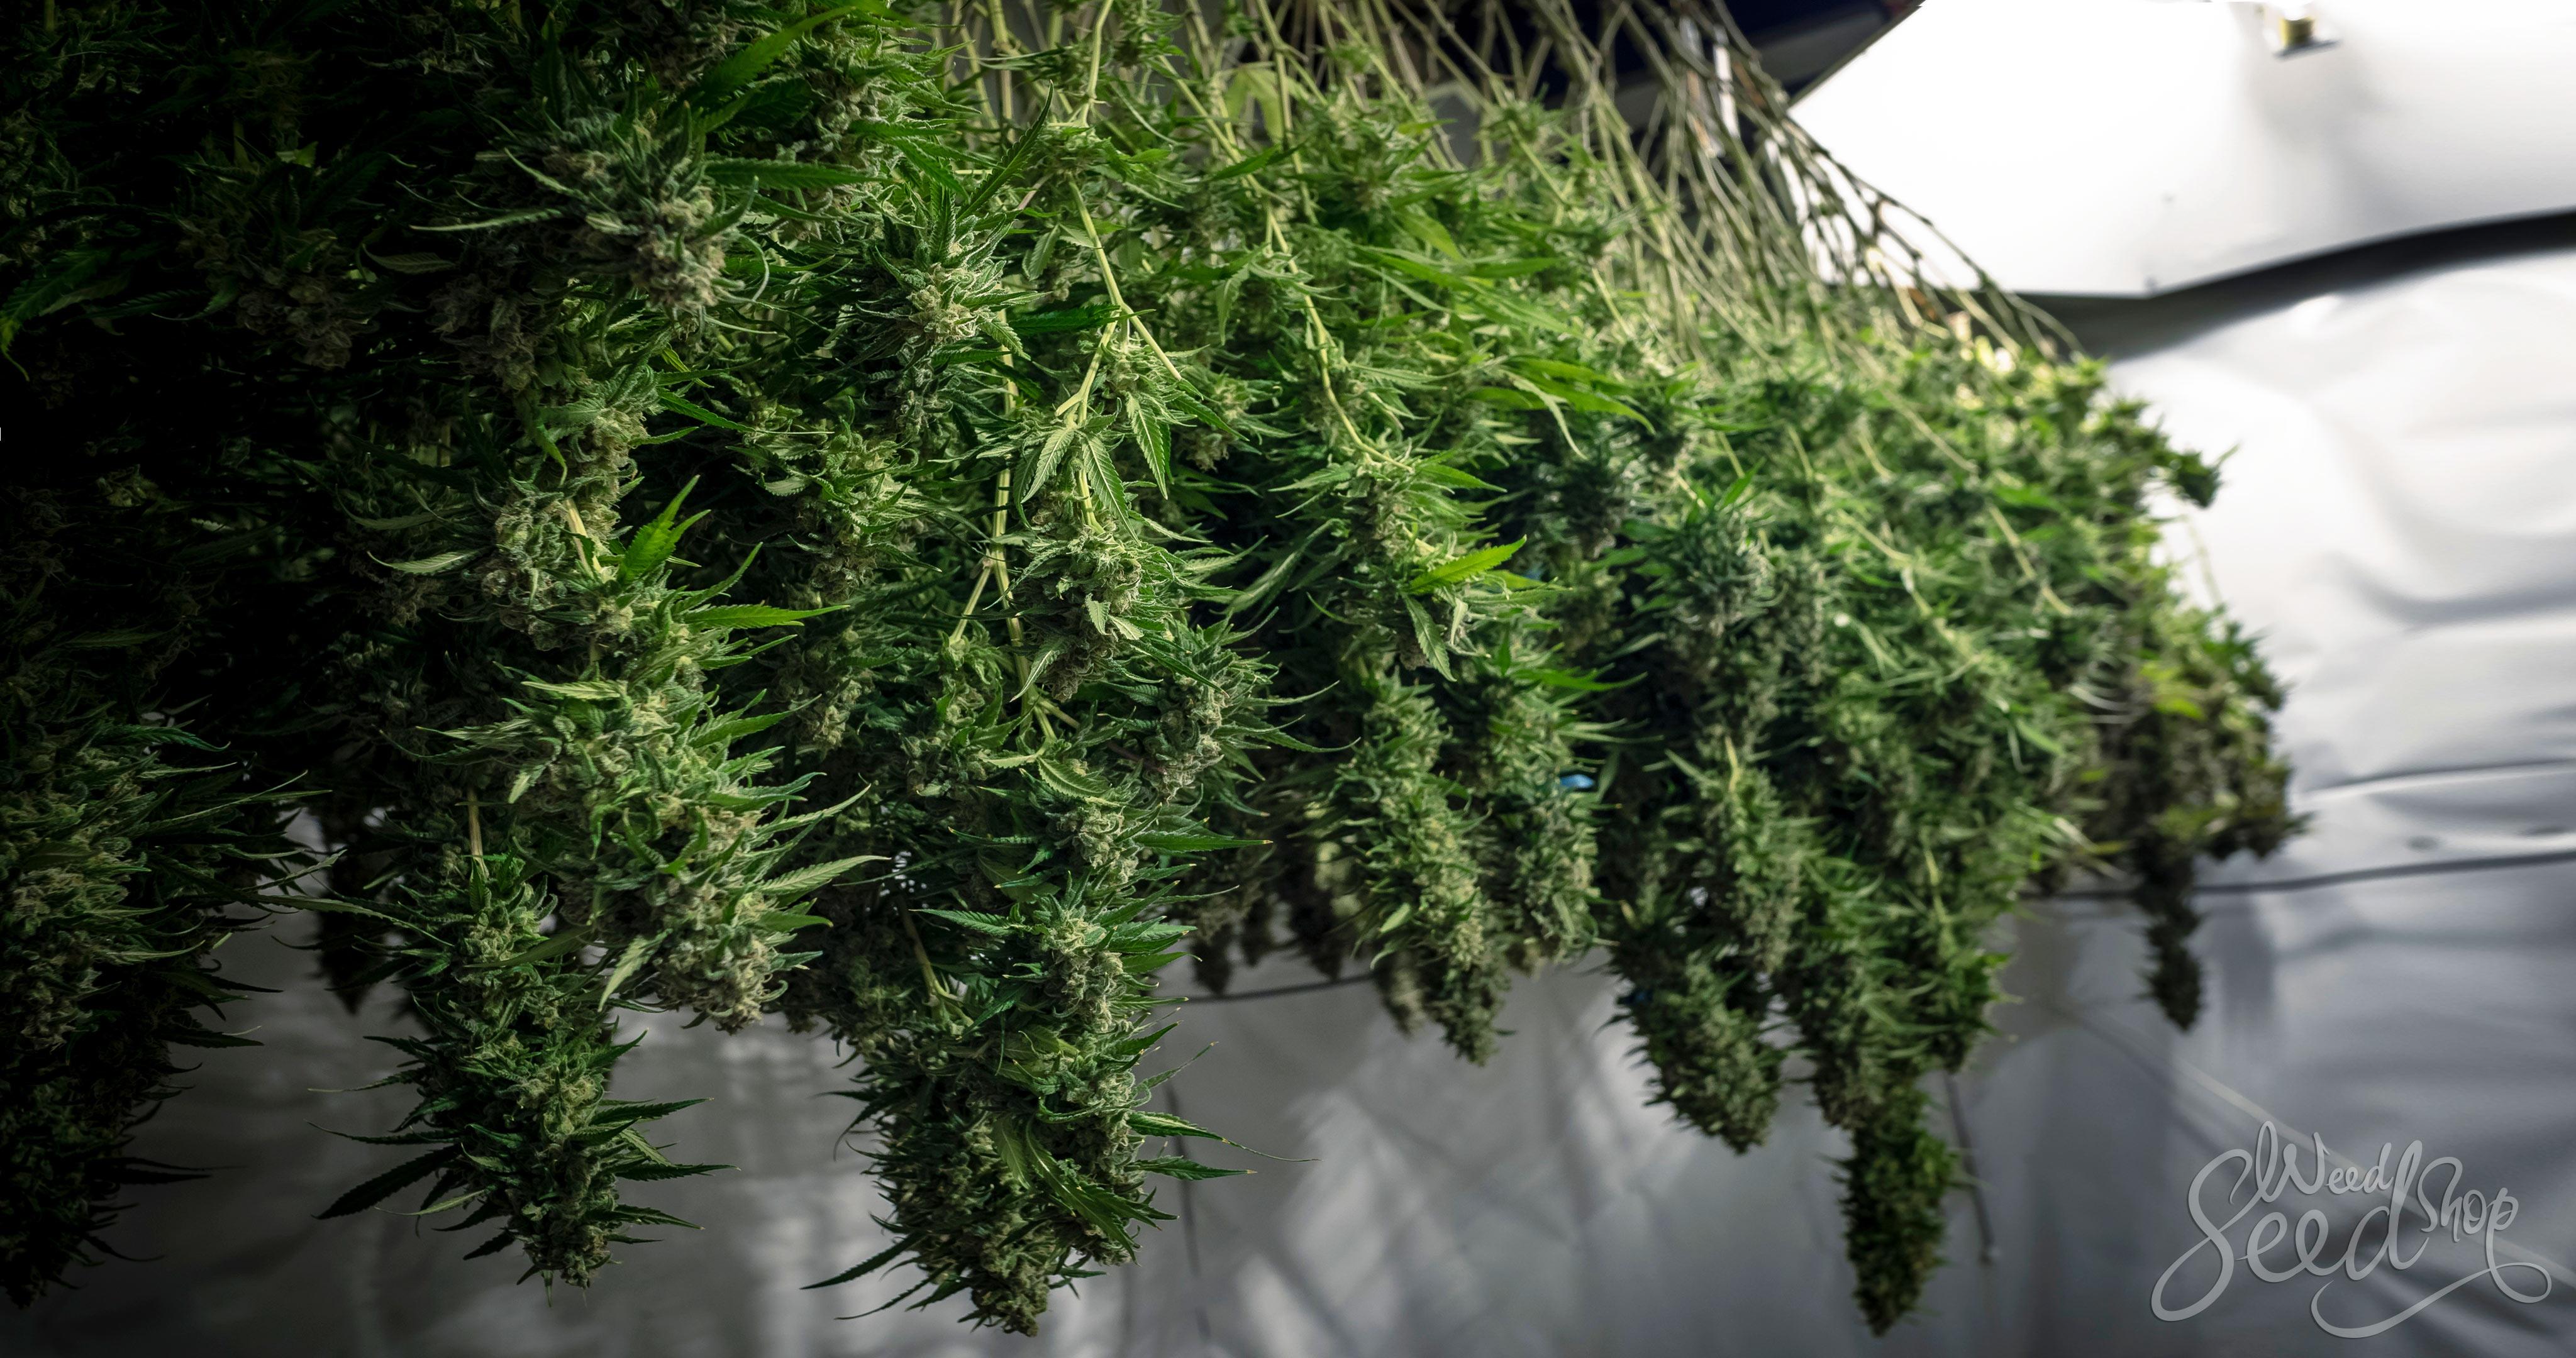 Cómo usar toda tu planta de cannabis - WeedSeedShop